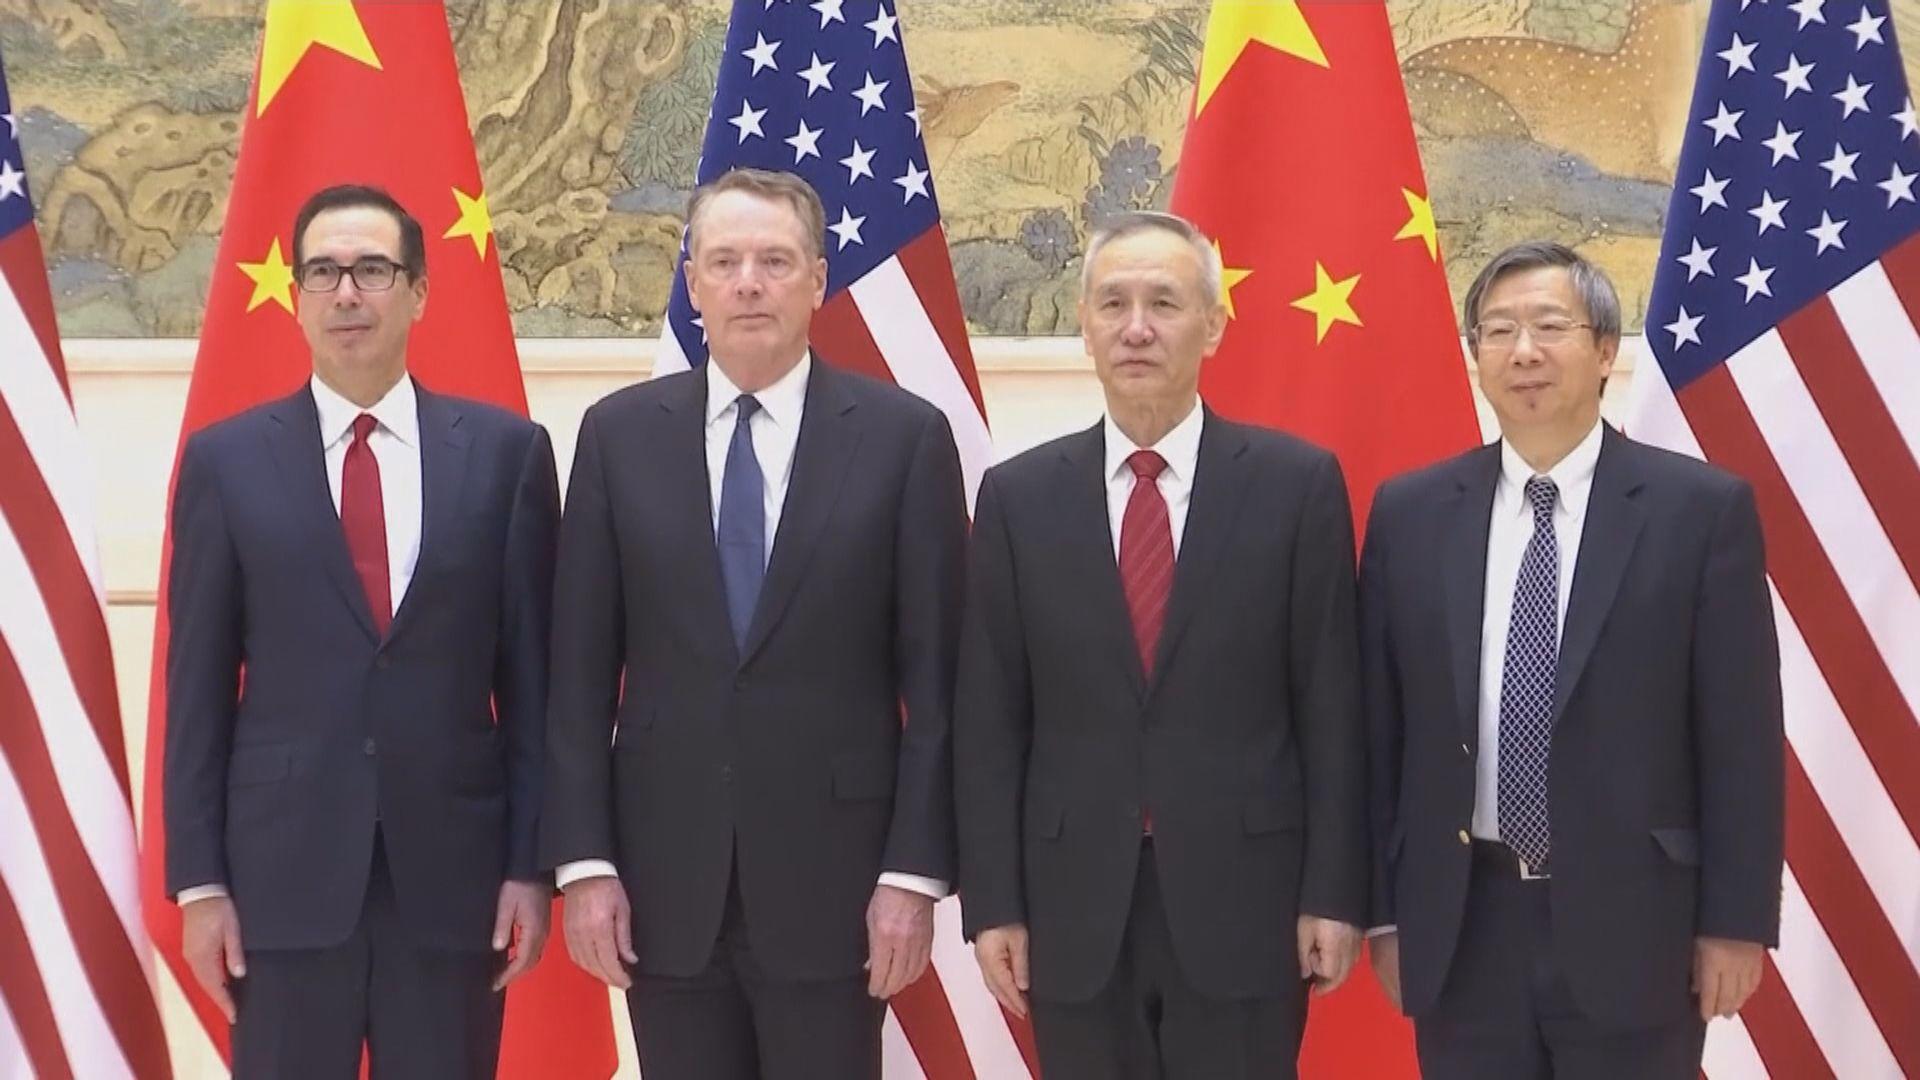 【中美貿易談判】WSJ: 兩國仍存分歧 外界對結果期望不高